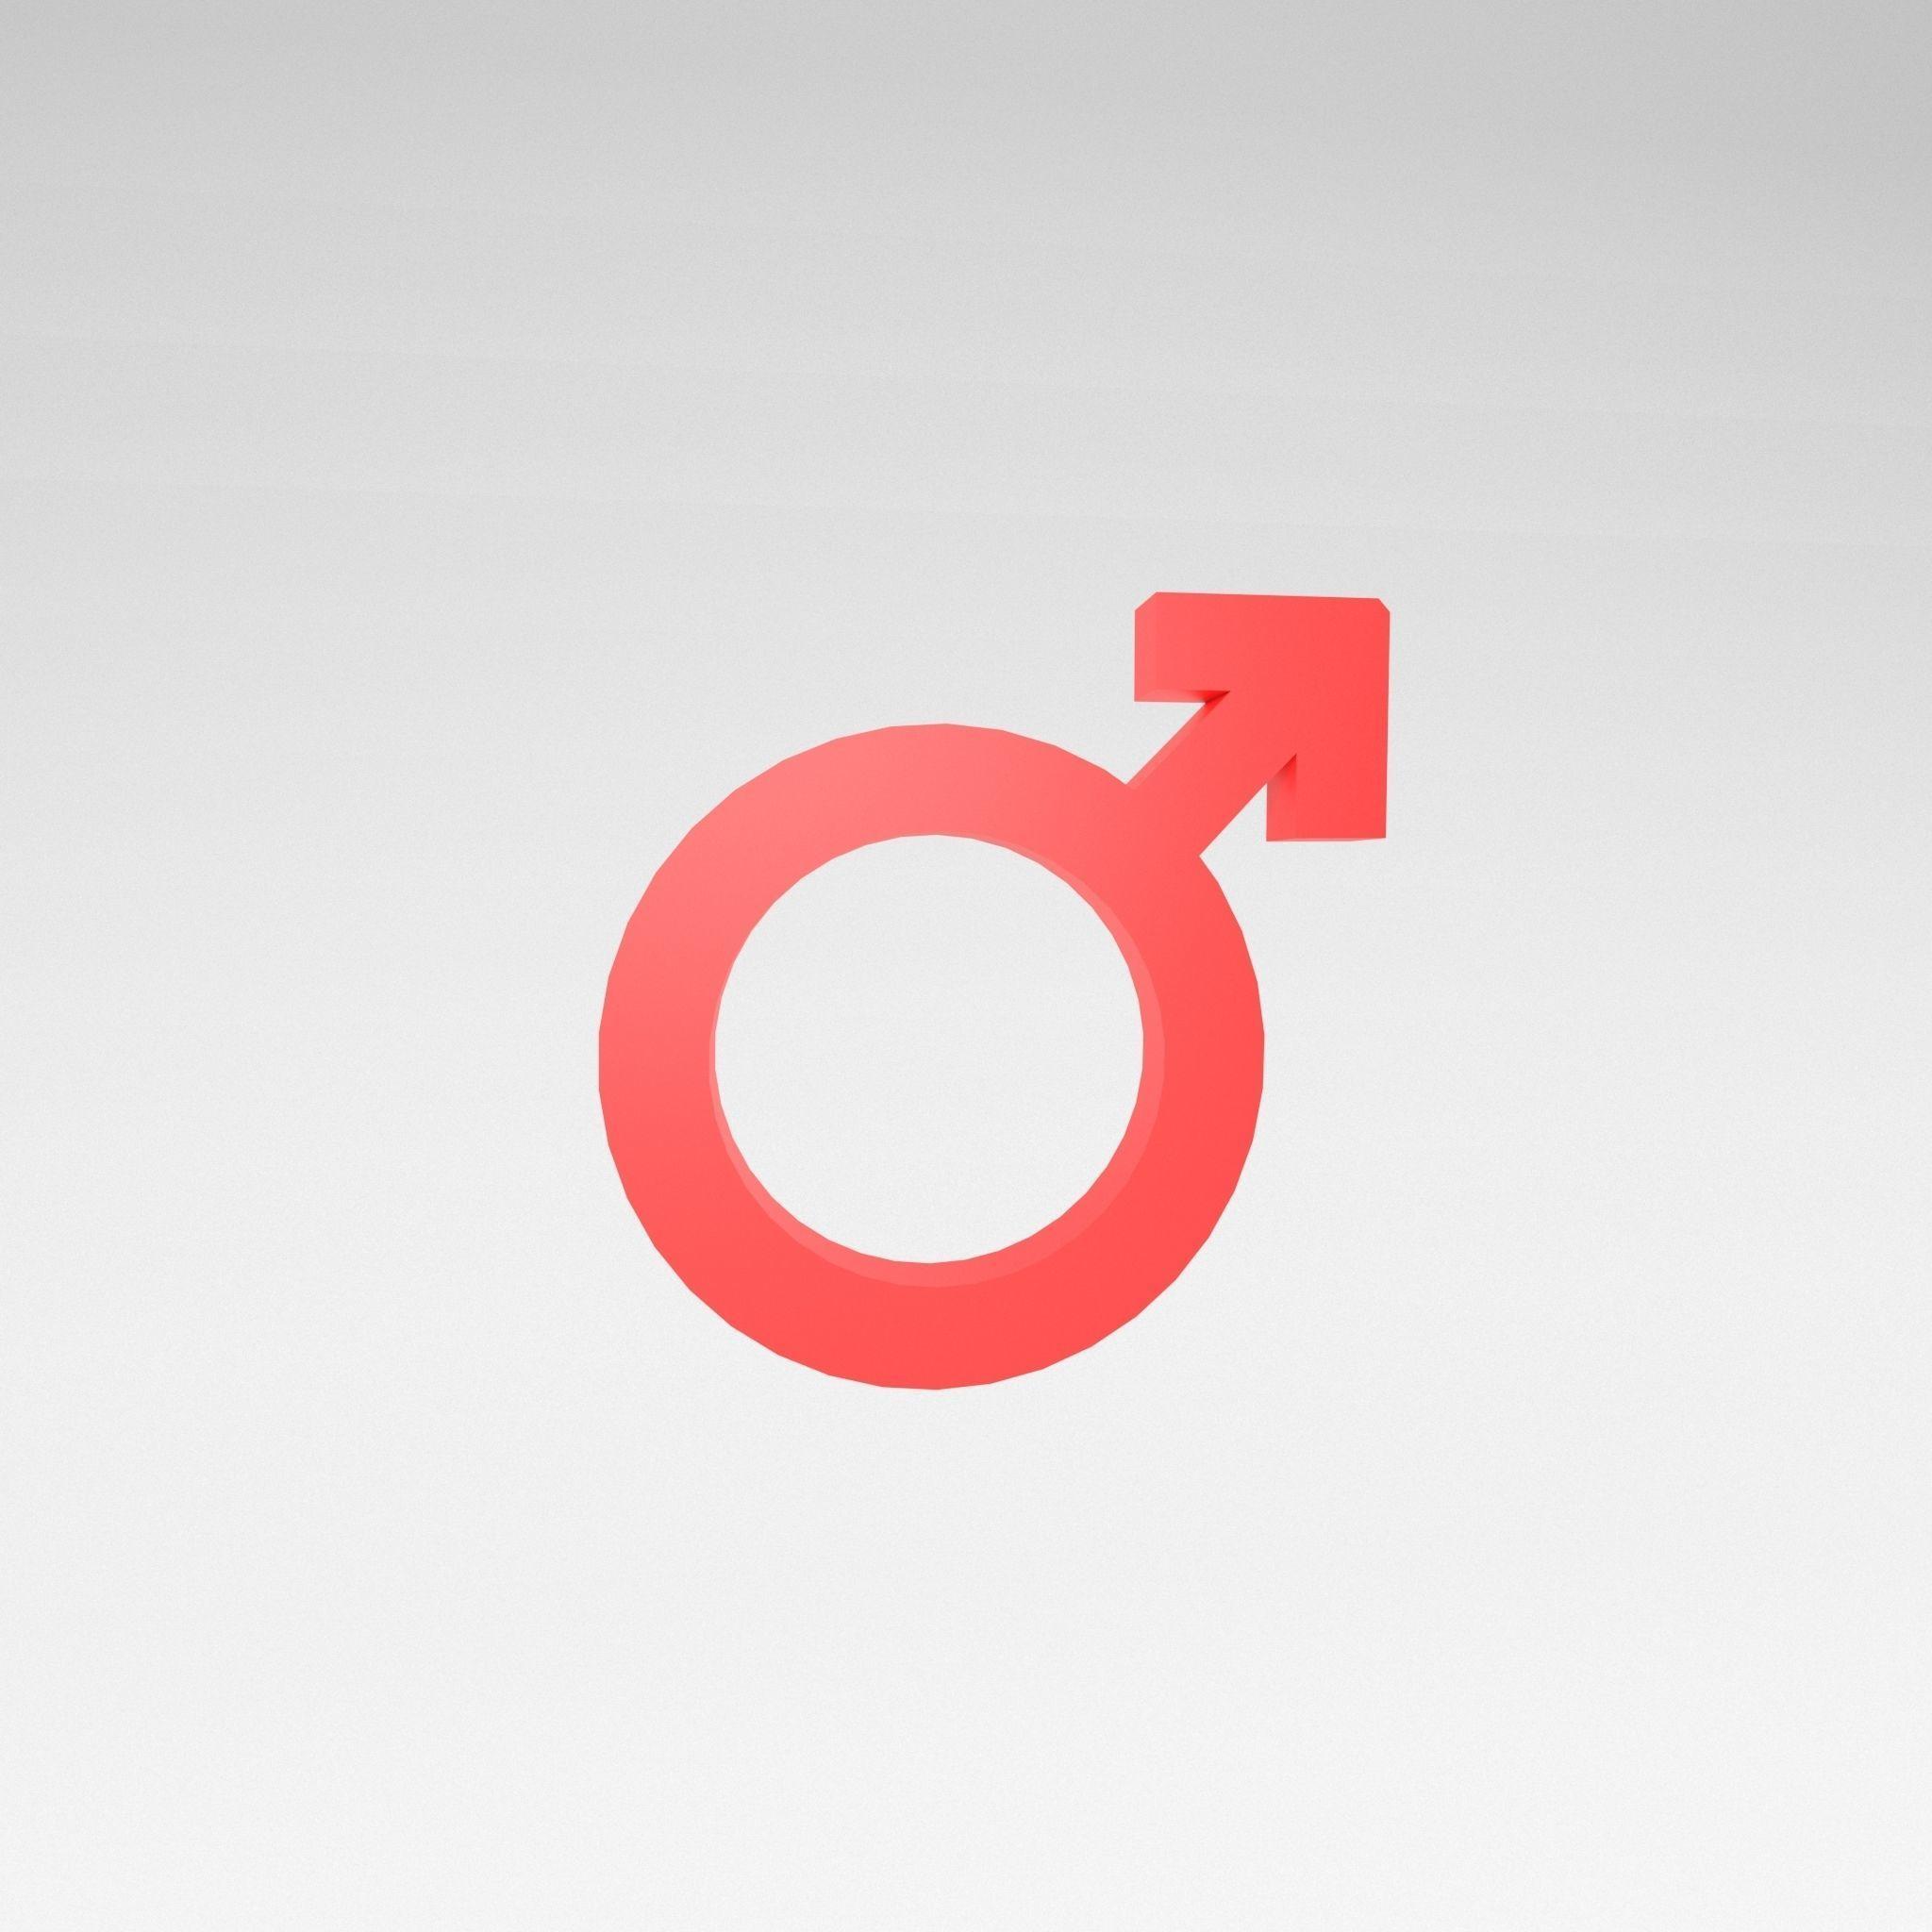 Gender Symbol v2 004